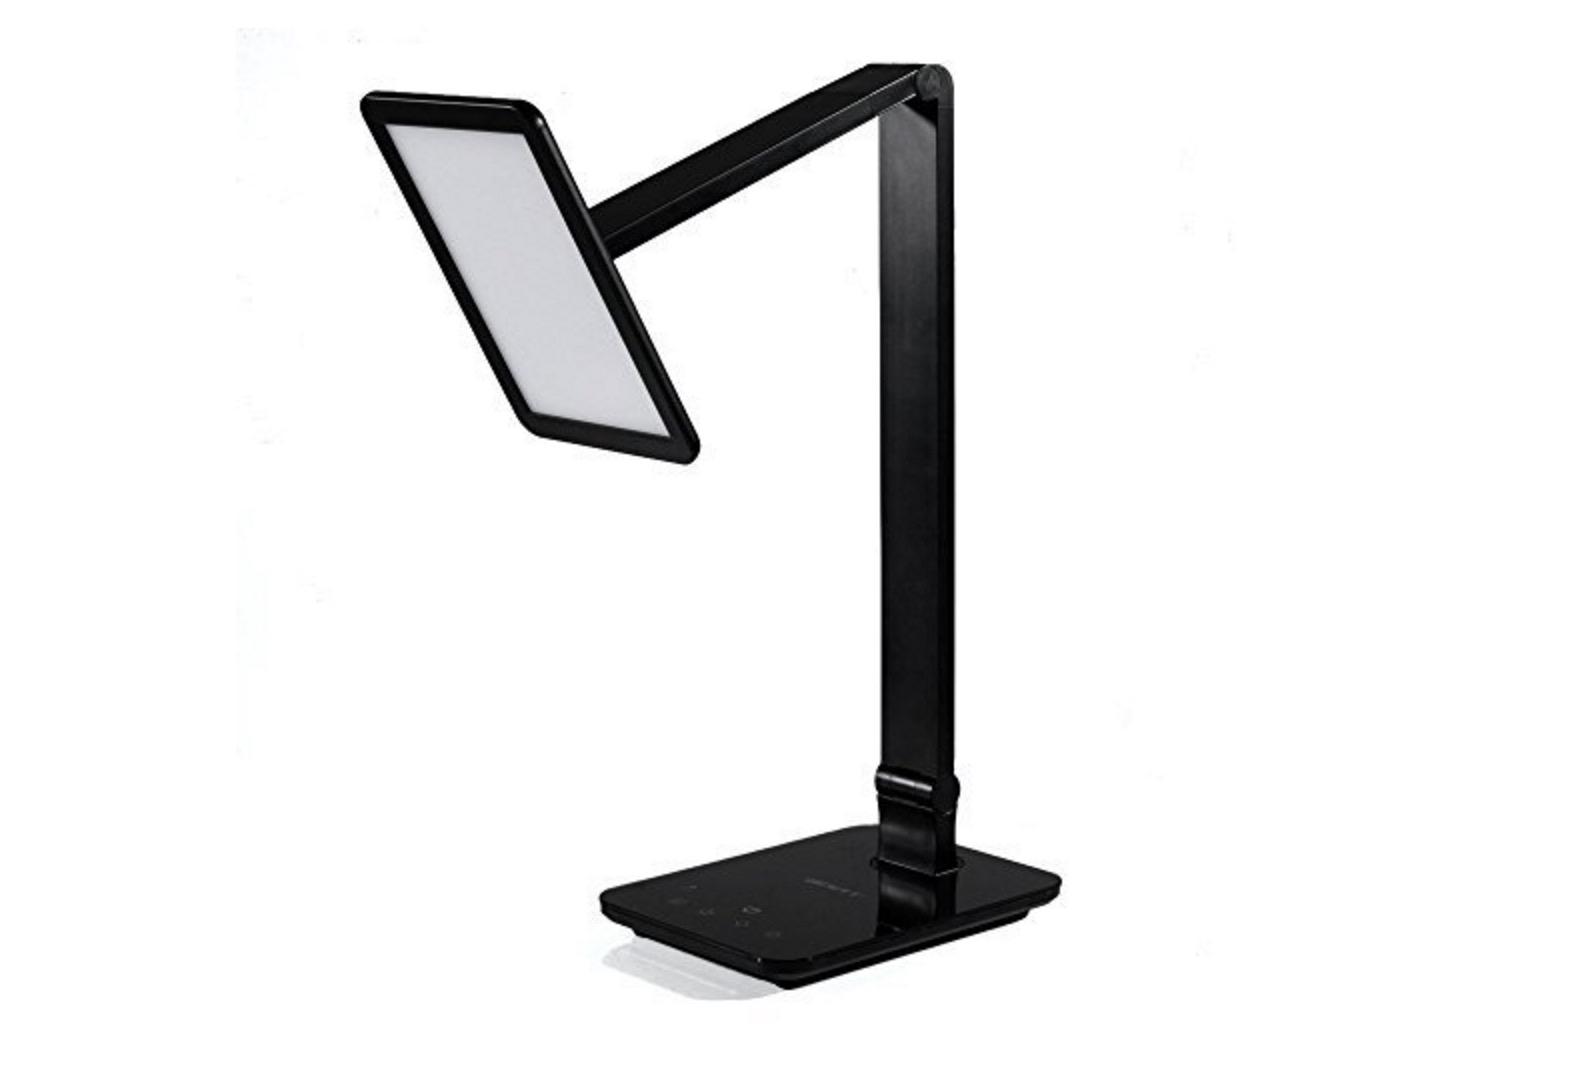 Lampada da tavolo LED con USB e controlli touch: solo 39,99 euro - Macitynet.it